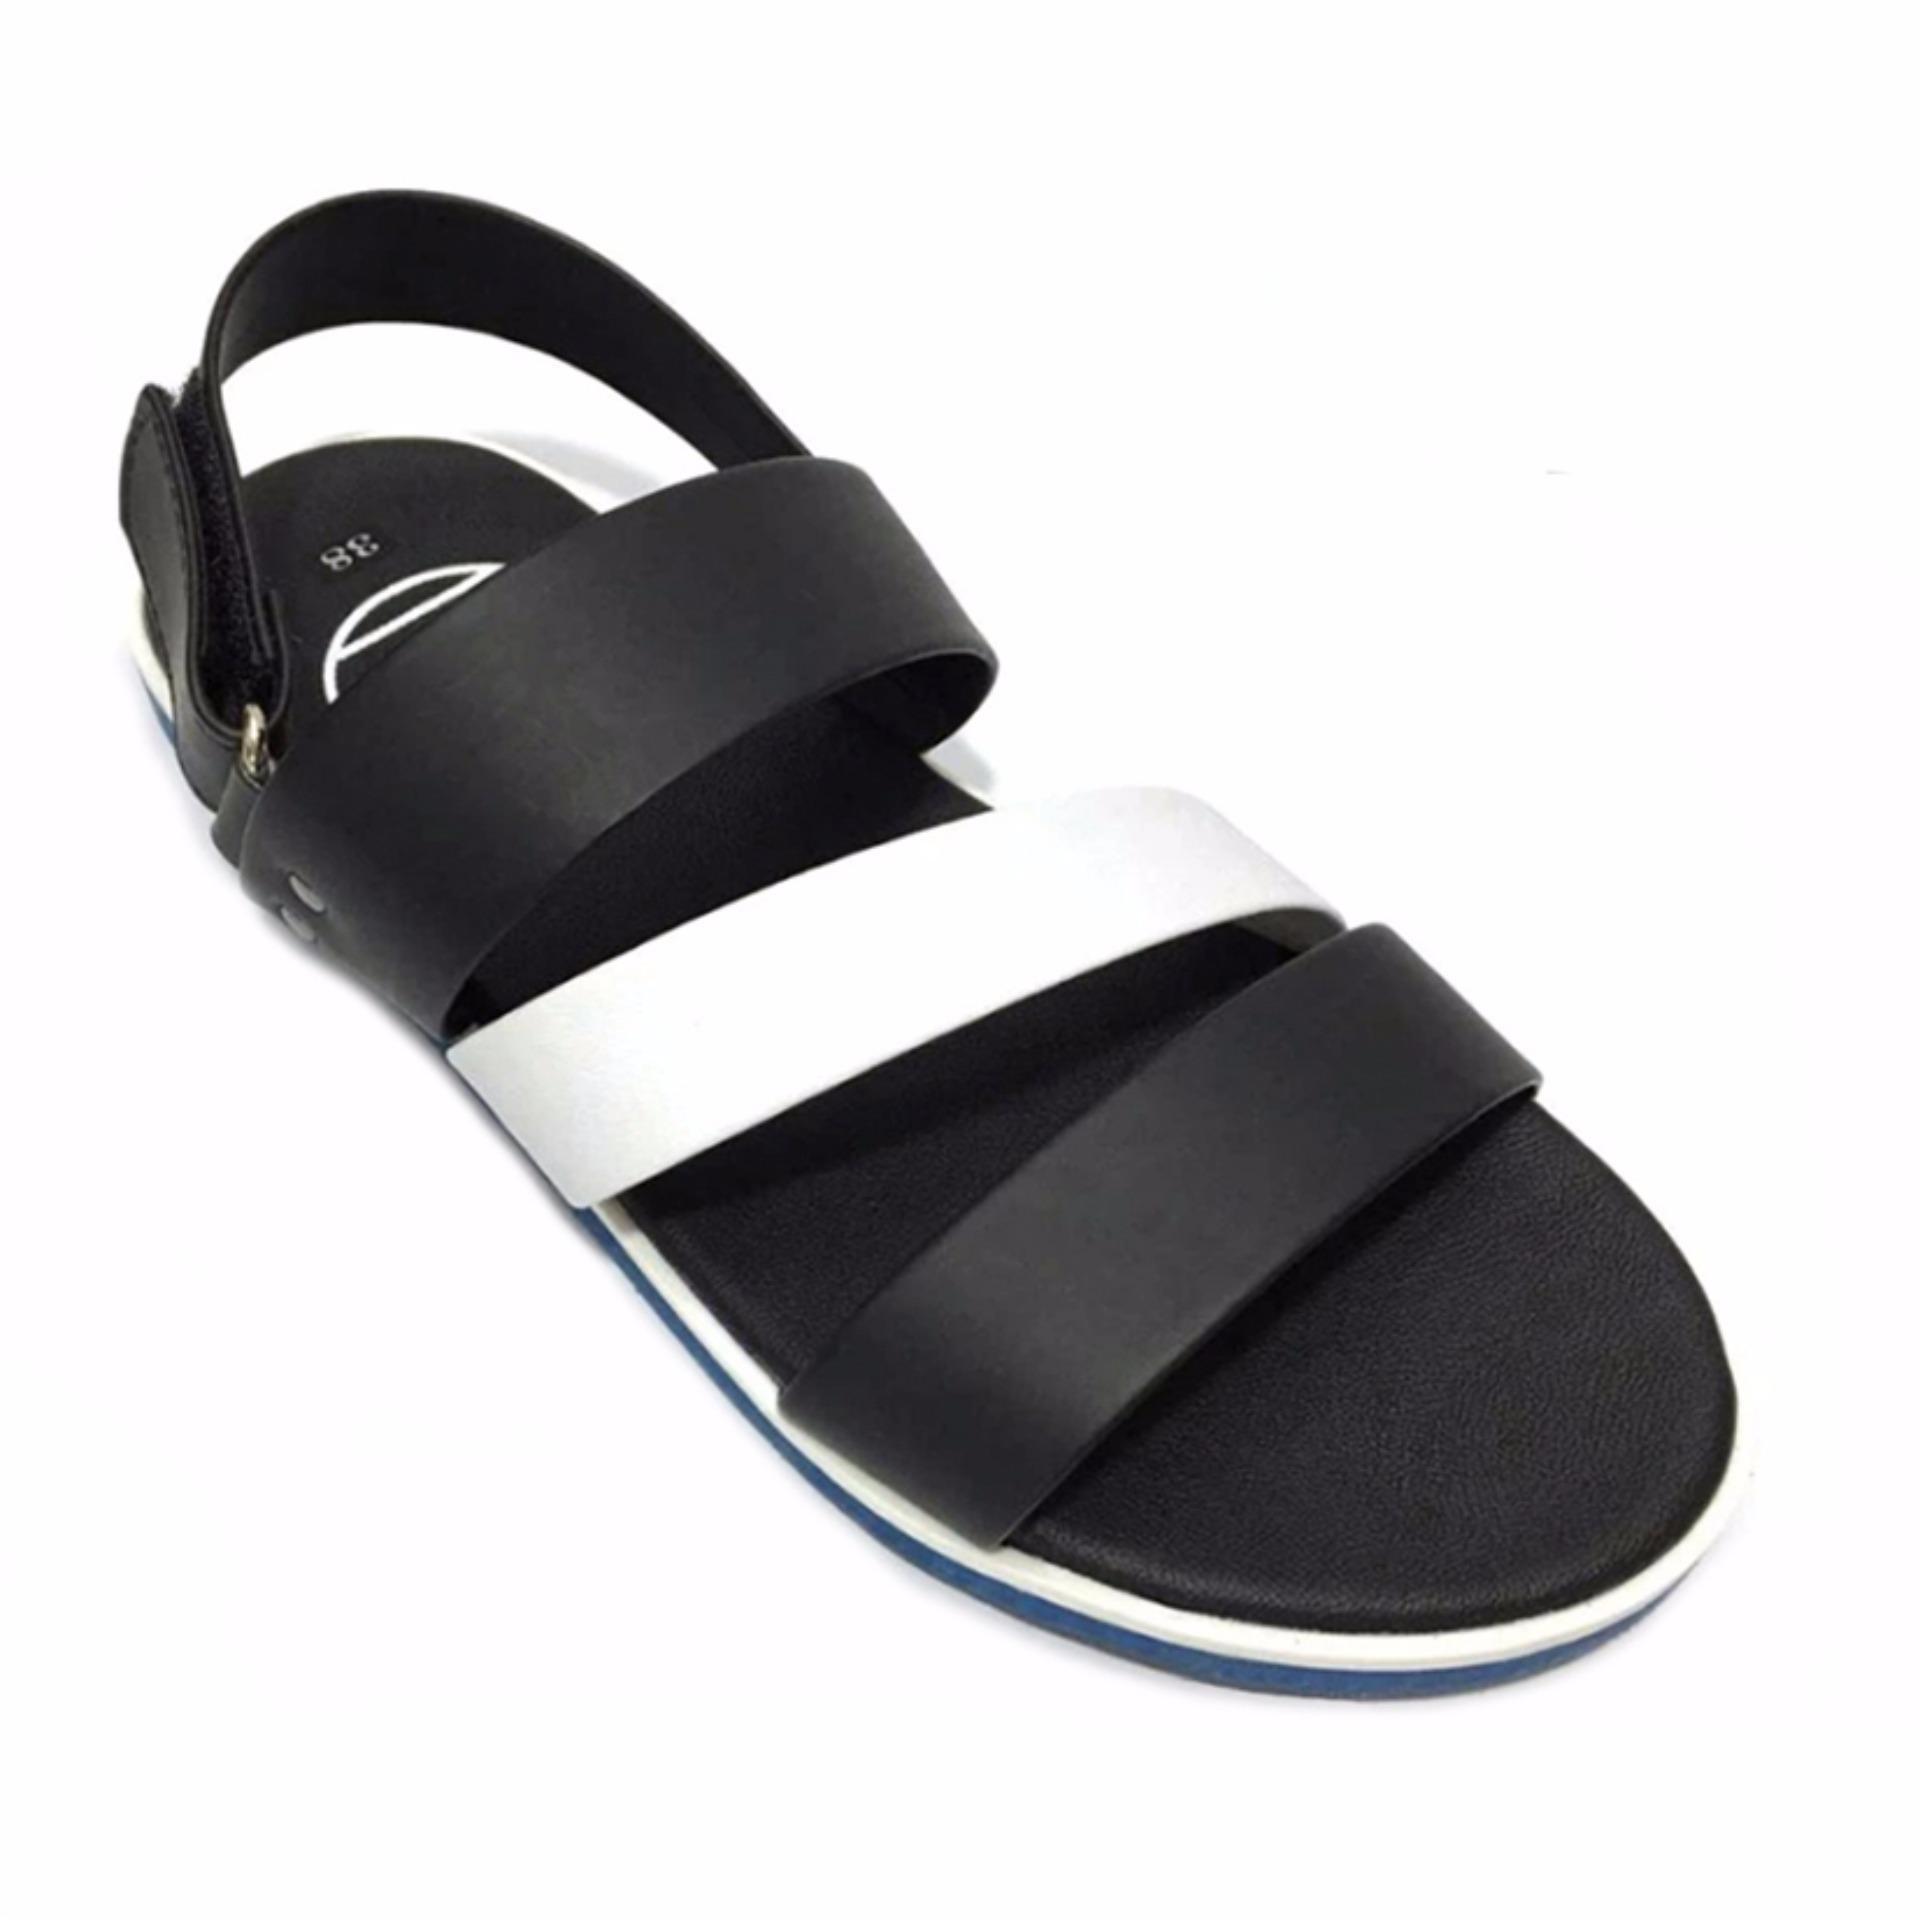 Đánh giá Giày Sandal 3 quai ngang nam thời trang Everest – EVE01 (Đen phối trắng) D37 Tại Thời Trang Everest